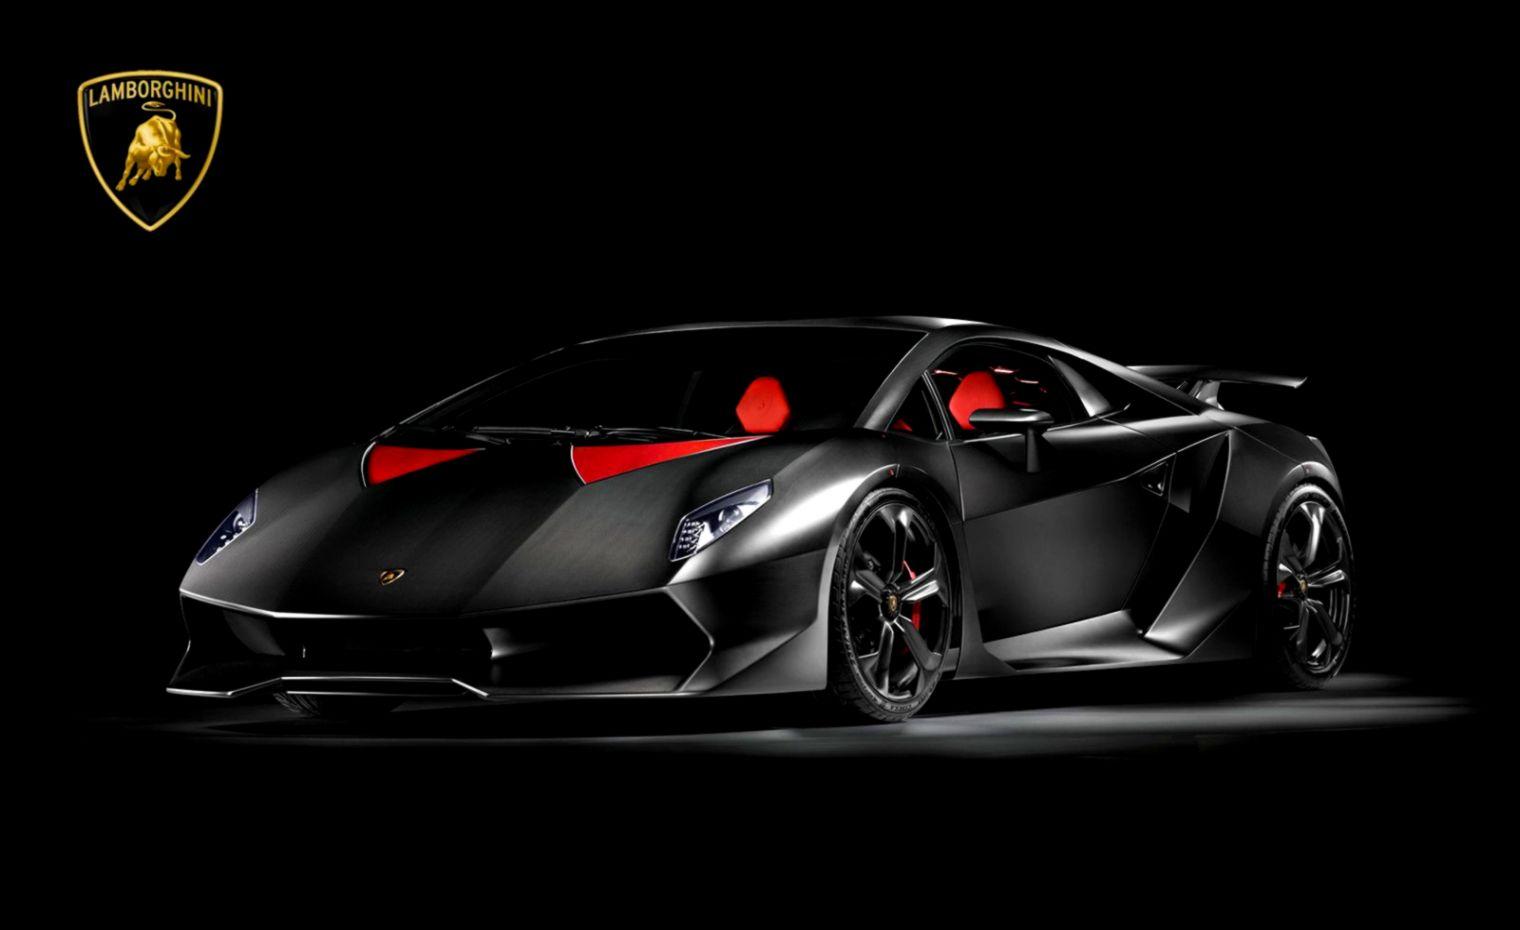 Lamborghini Sesto Elemento Hd Wallpaper Wallpapers Ideas